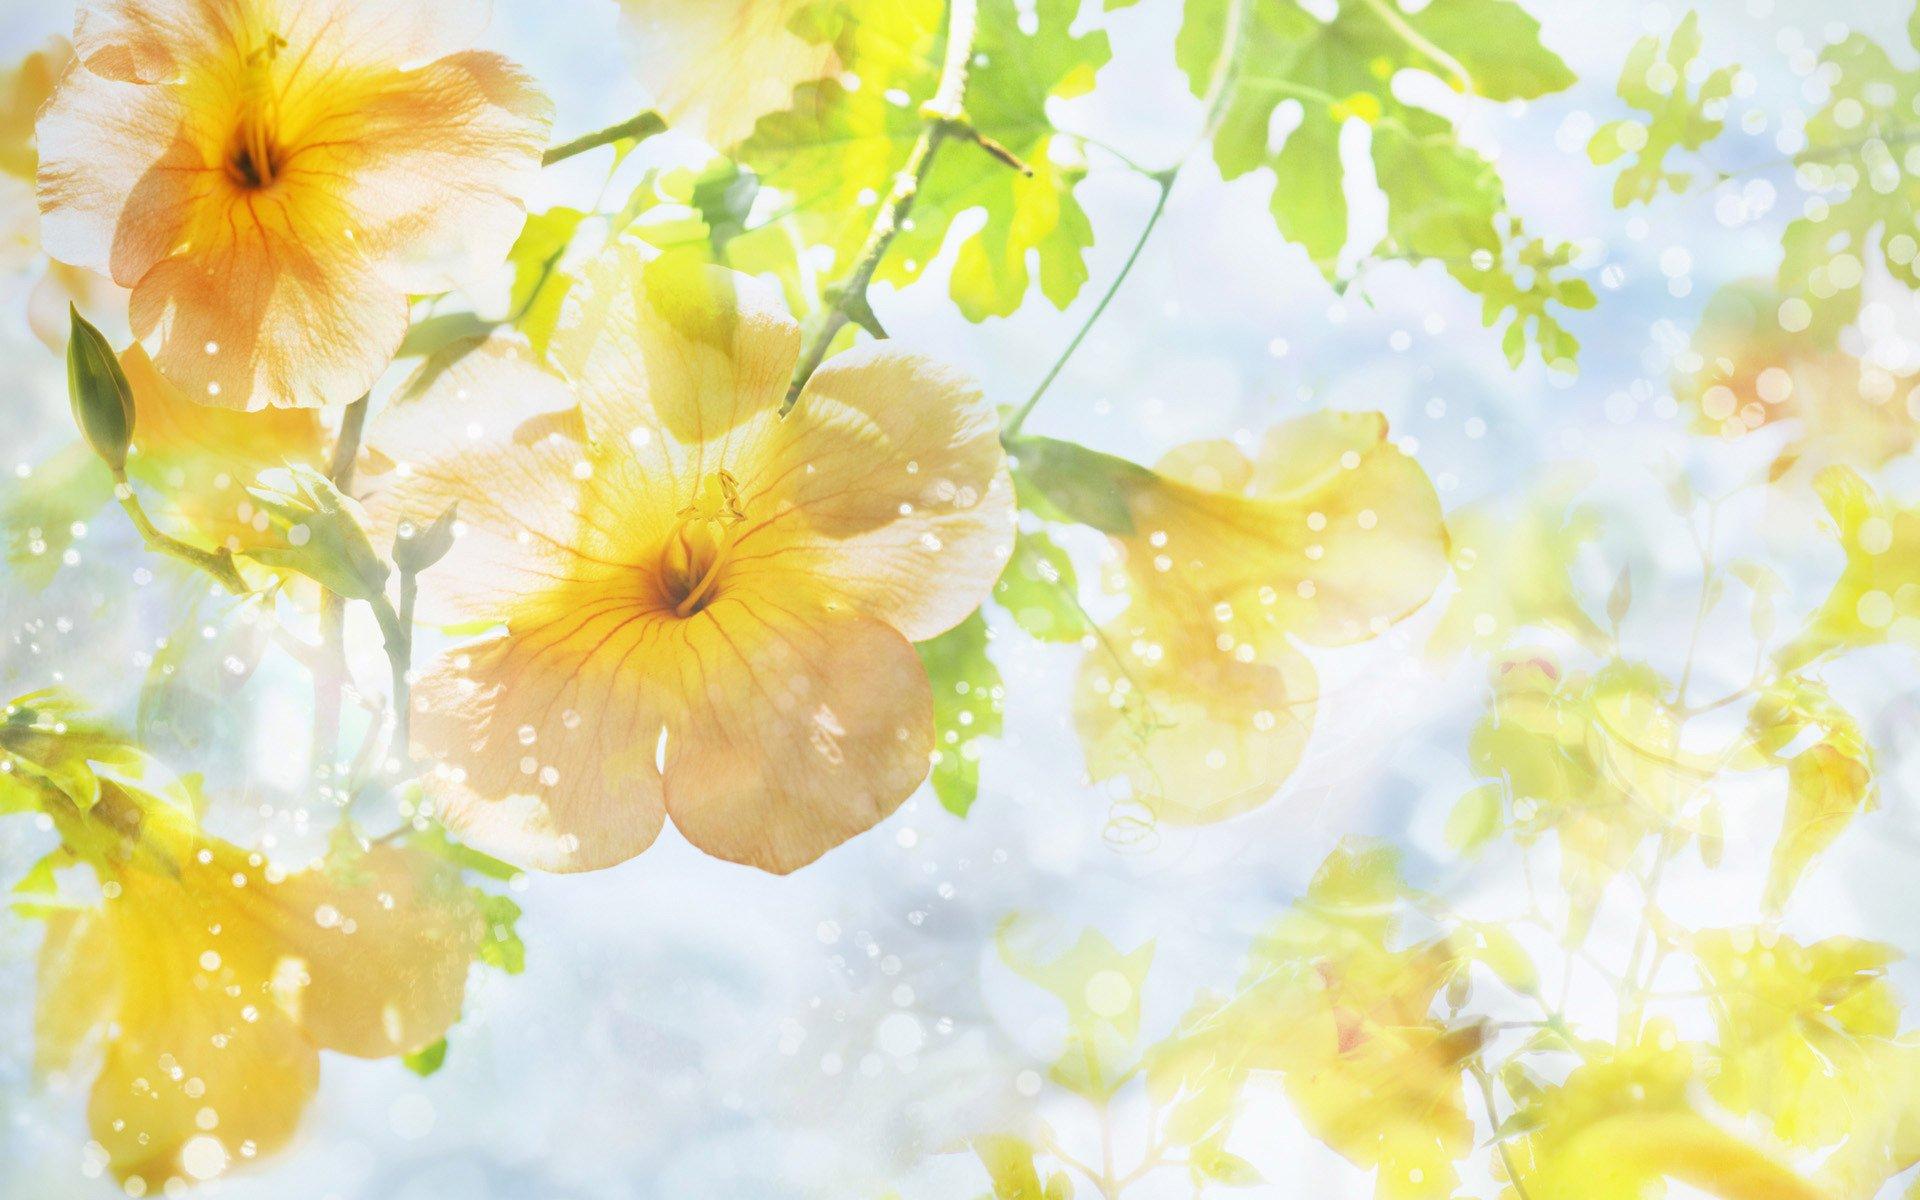 Красивые фоны для открыток весна, желаю